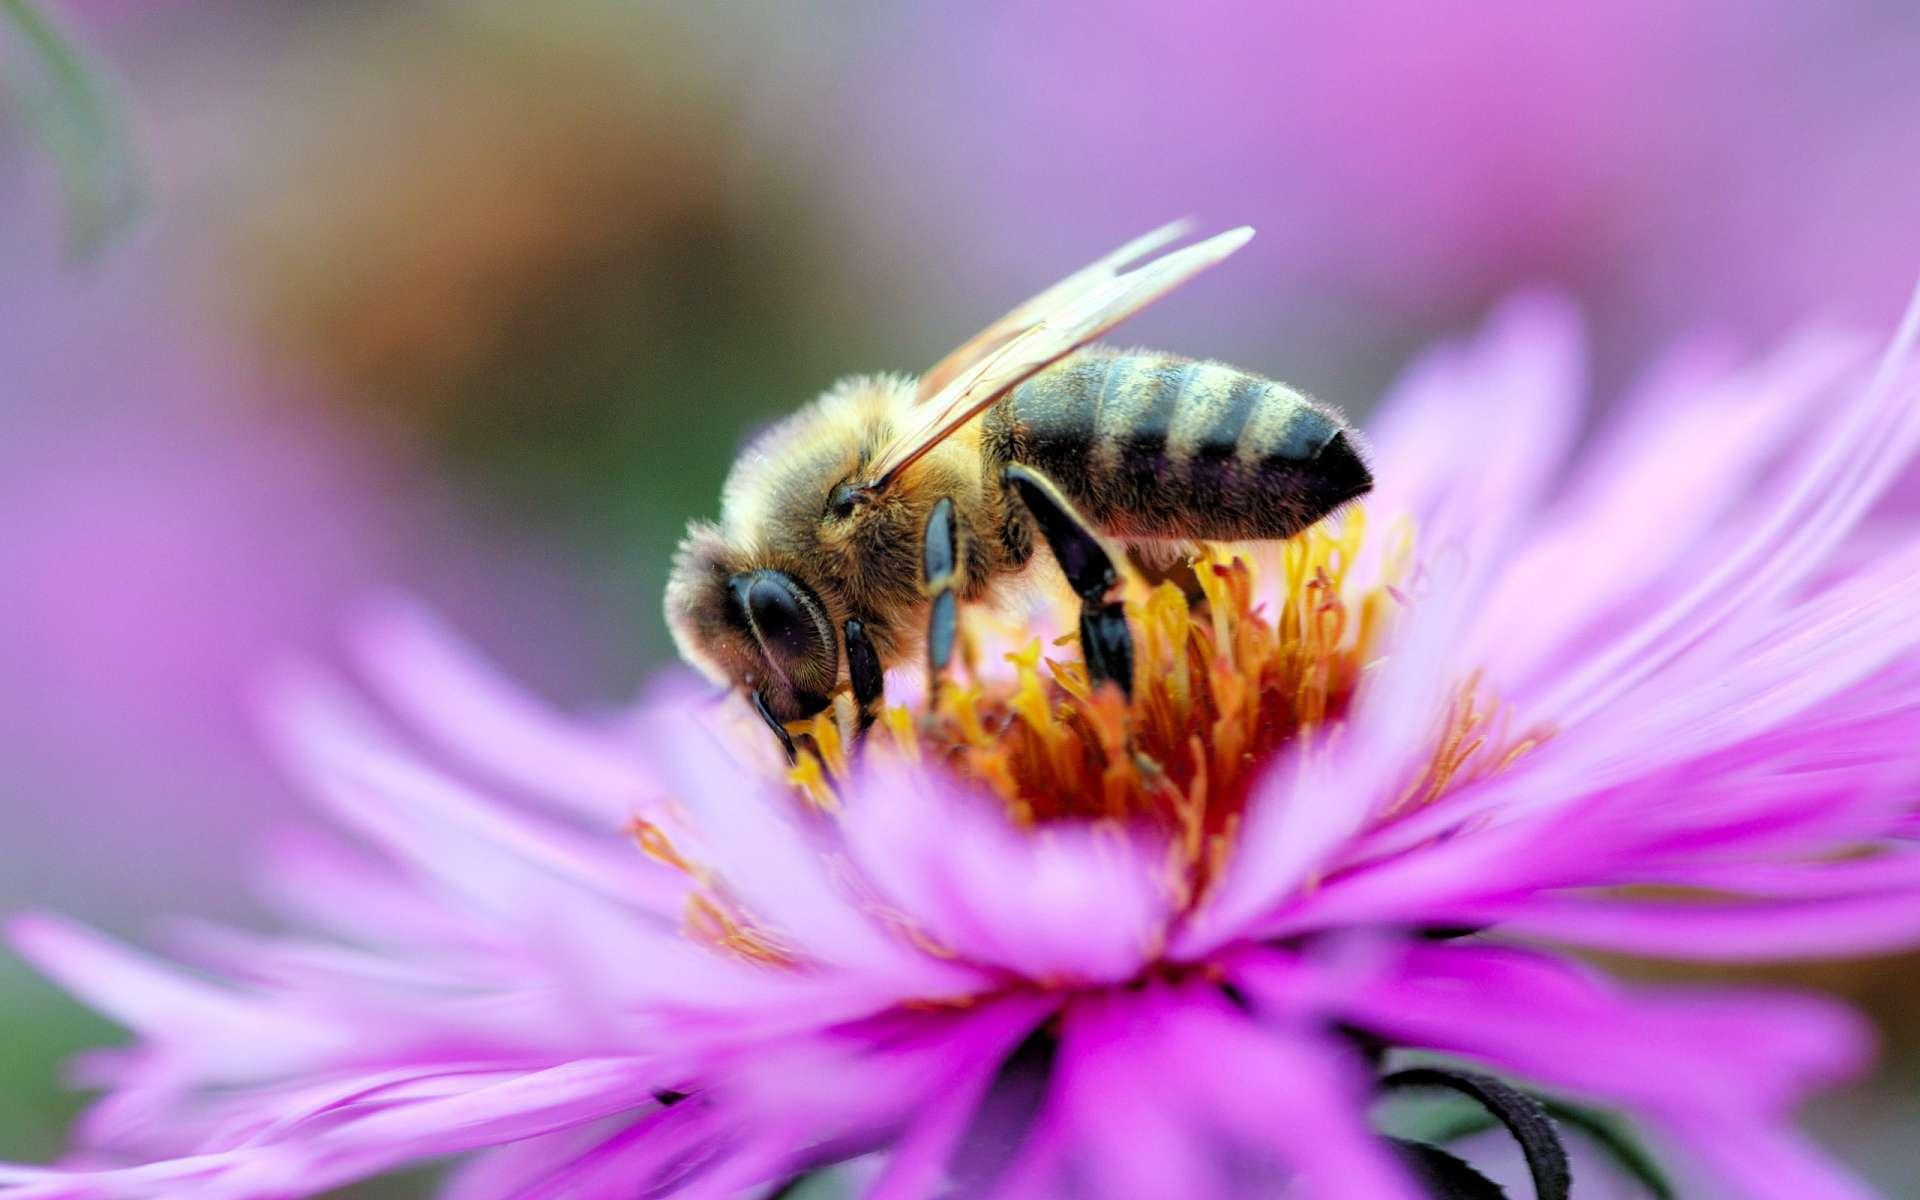 макро одуванчик животное насекомое пчела цветы природа  № 3007307 загрузить